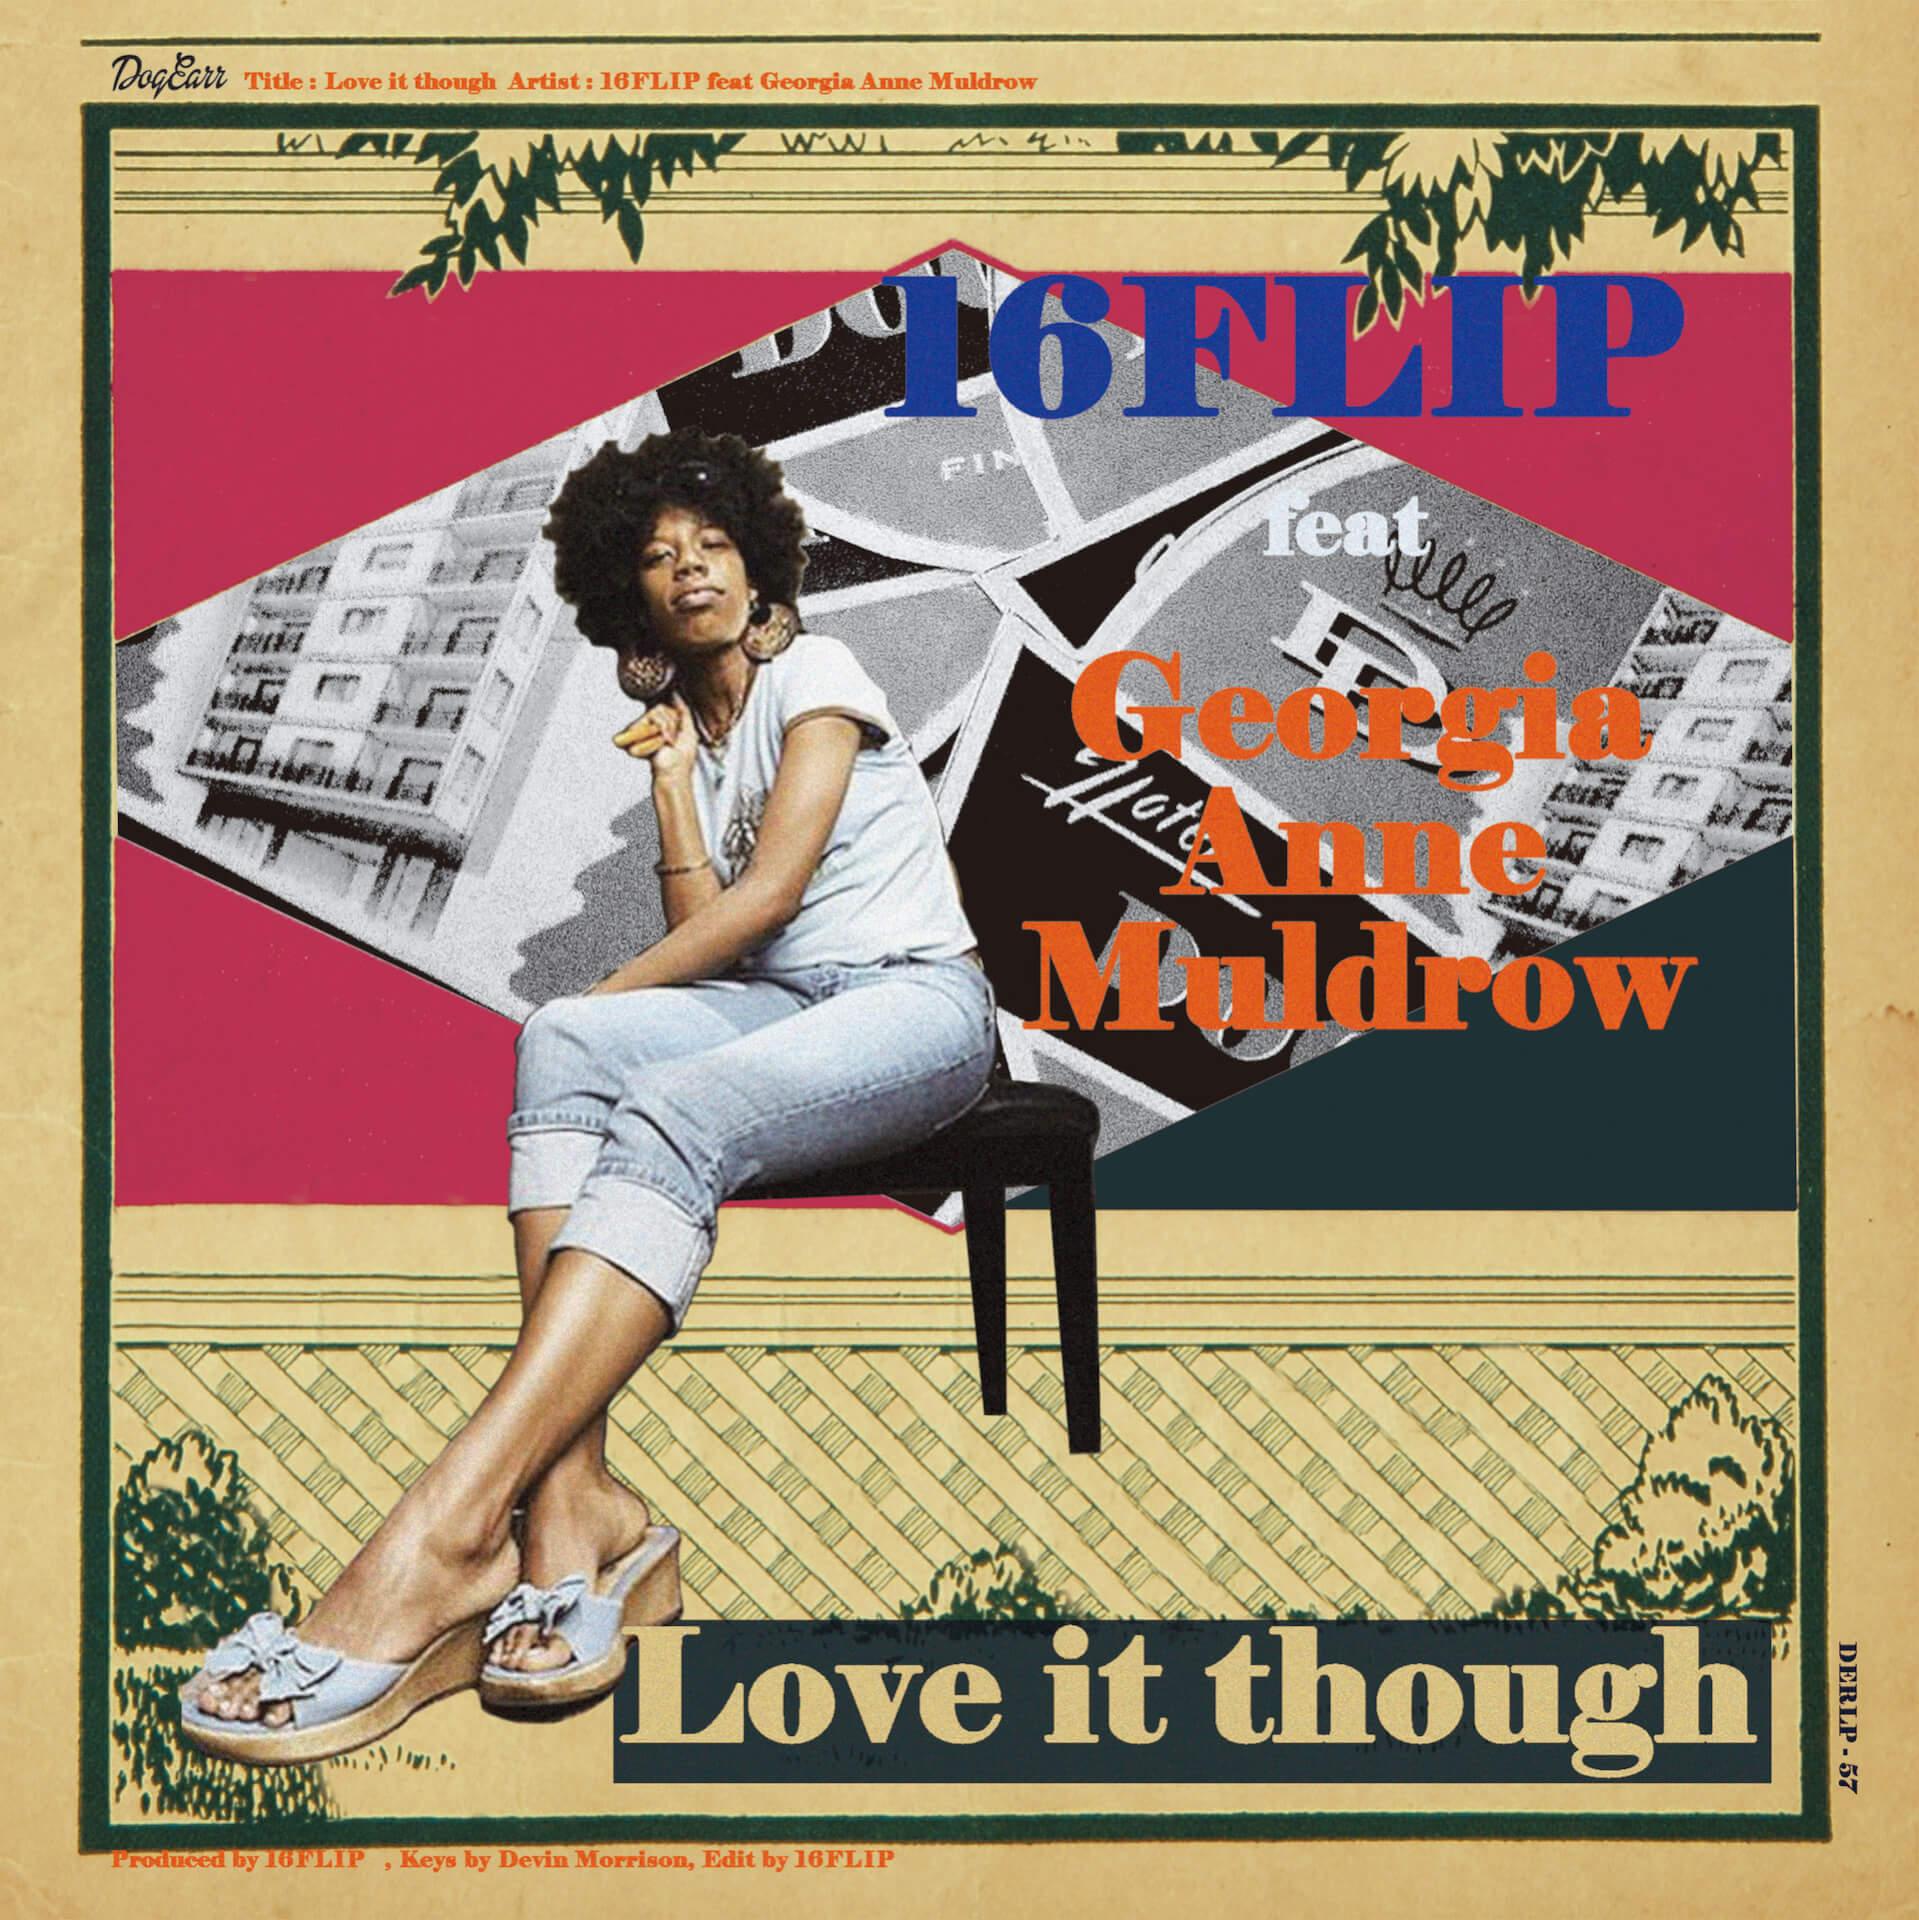 ISSUGIの変名16FLIPとGeorgia Anne Muldrowのコラボ曲が7EPで限定リリース!DJ SCRATCH NICEによるリミックスも収録 music200206_16flip7ep_4